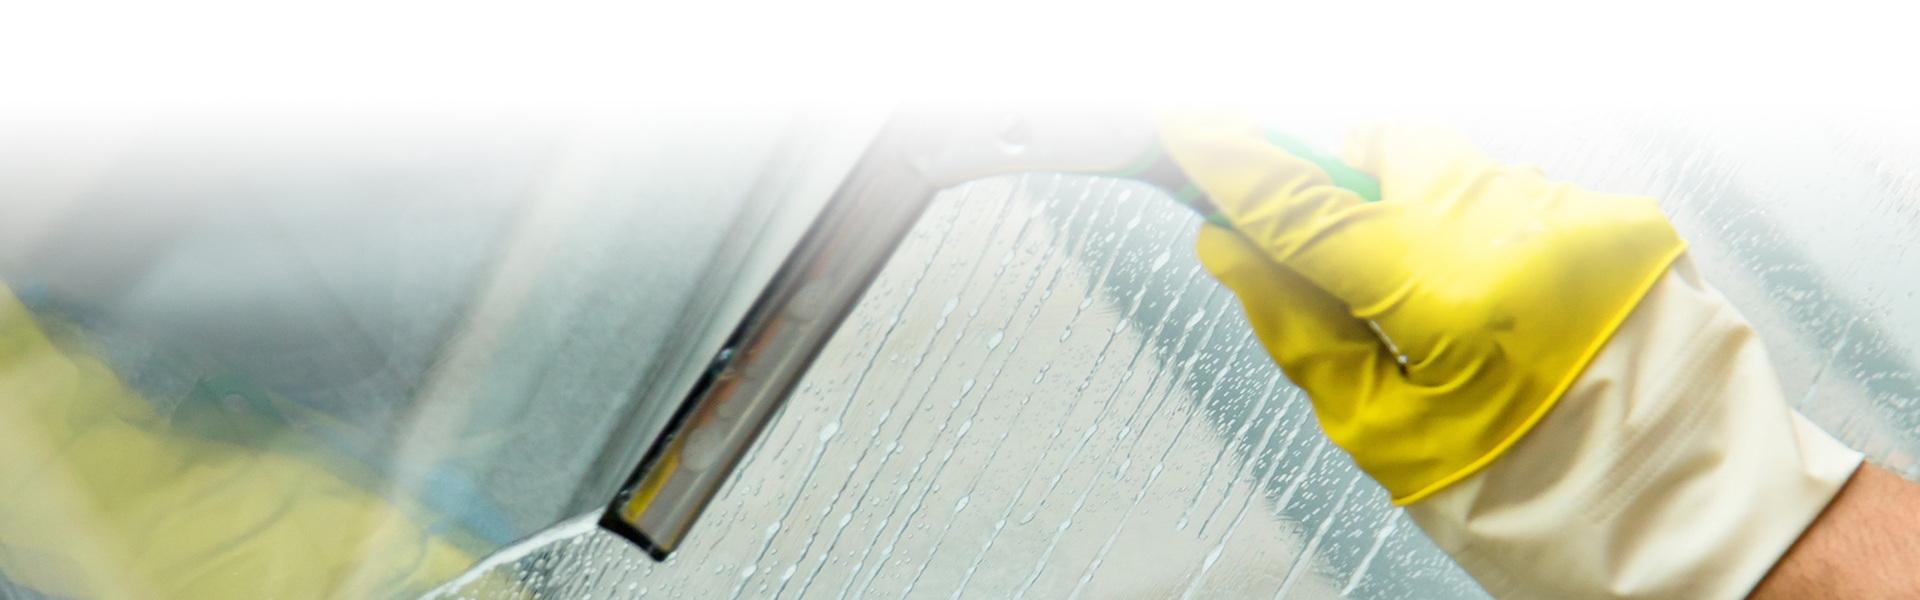 Reinigung von Glasflächen